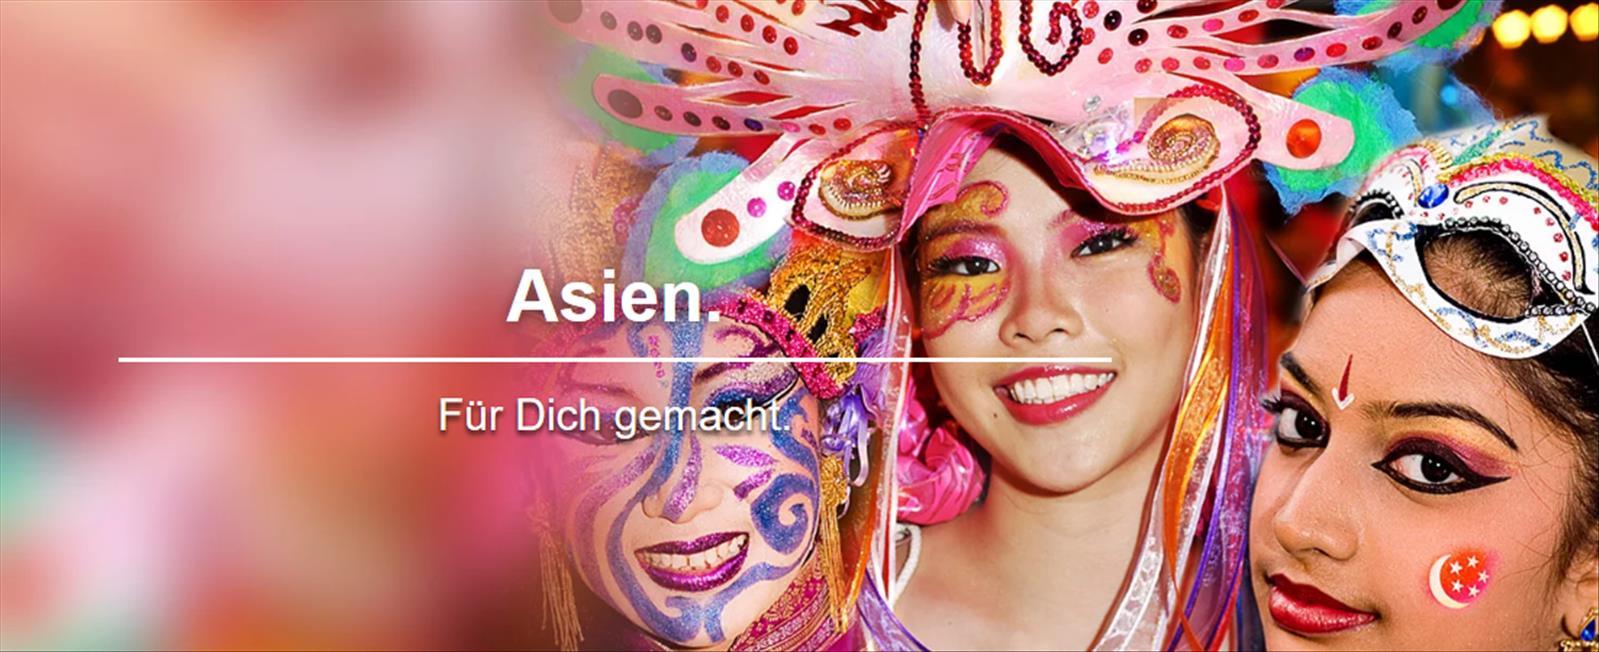 Asien-Reisen für dich gemacht...